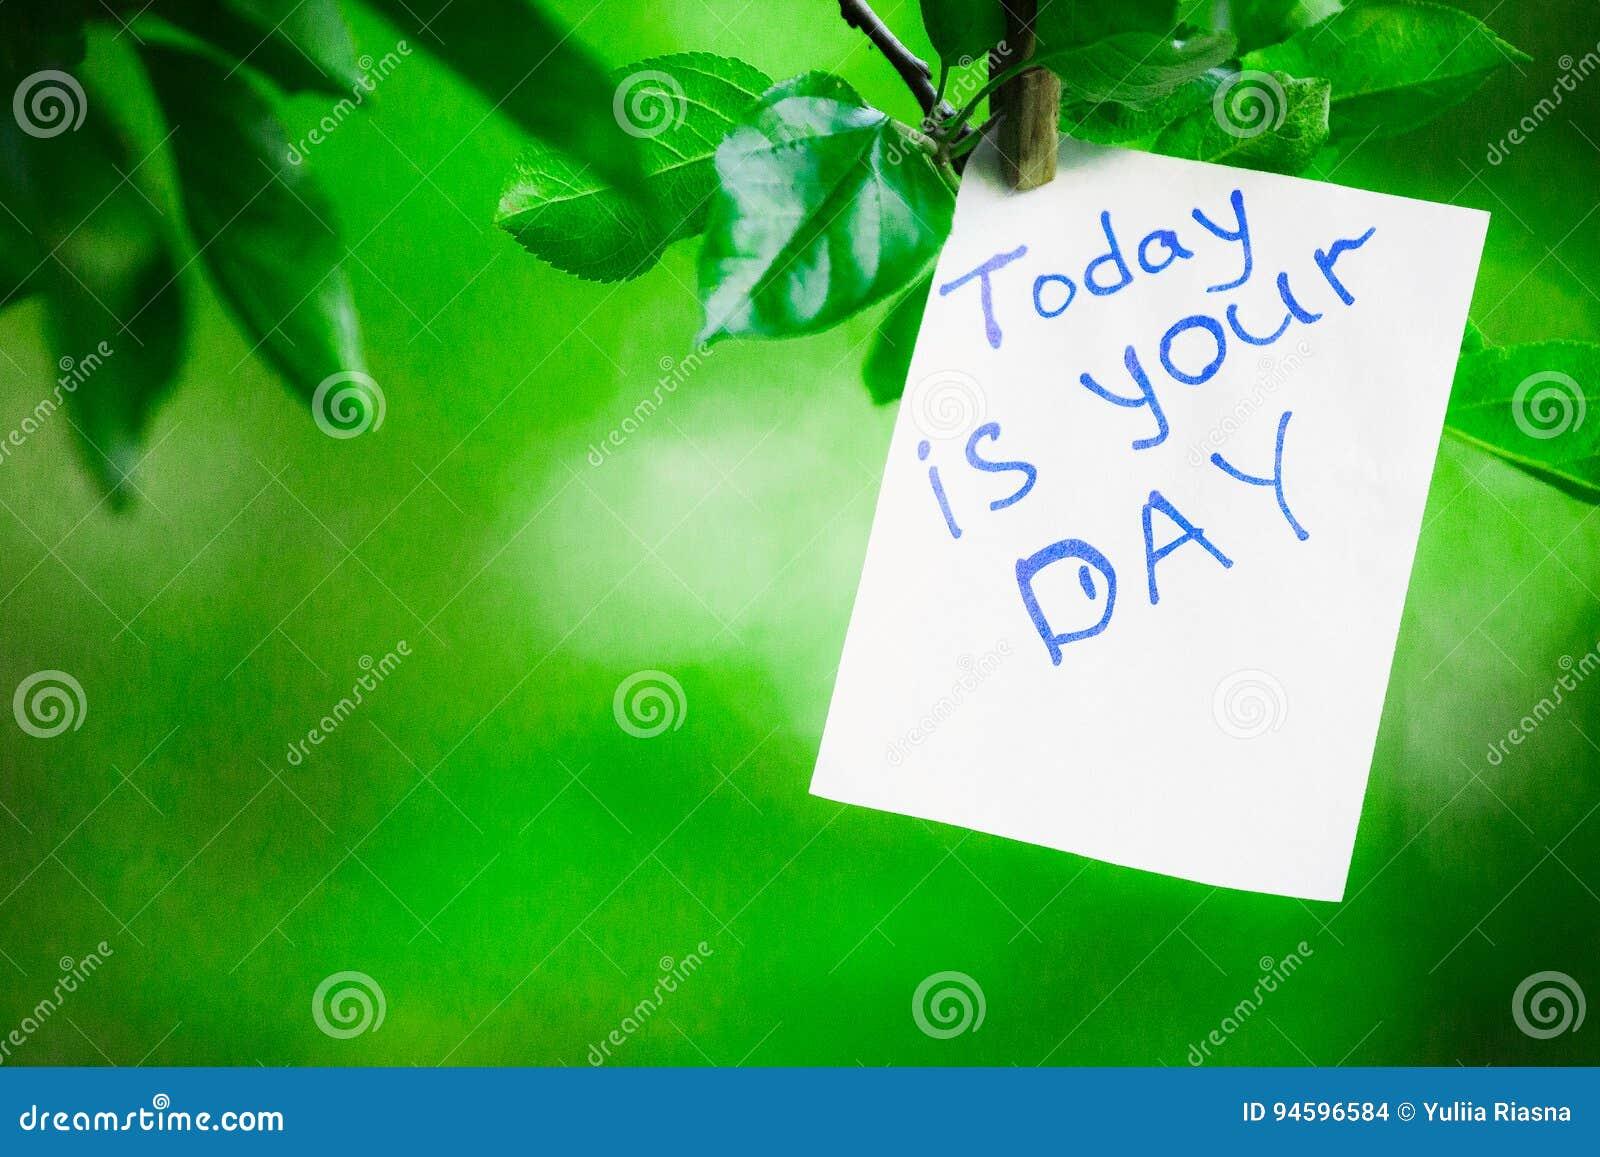 A Frase Da Motivação é Hoje Seu Dia Em Um Fundo Verde Em Um Ramo é